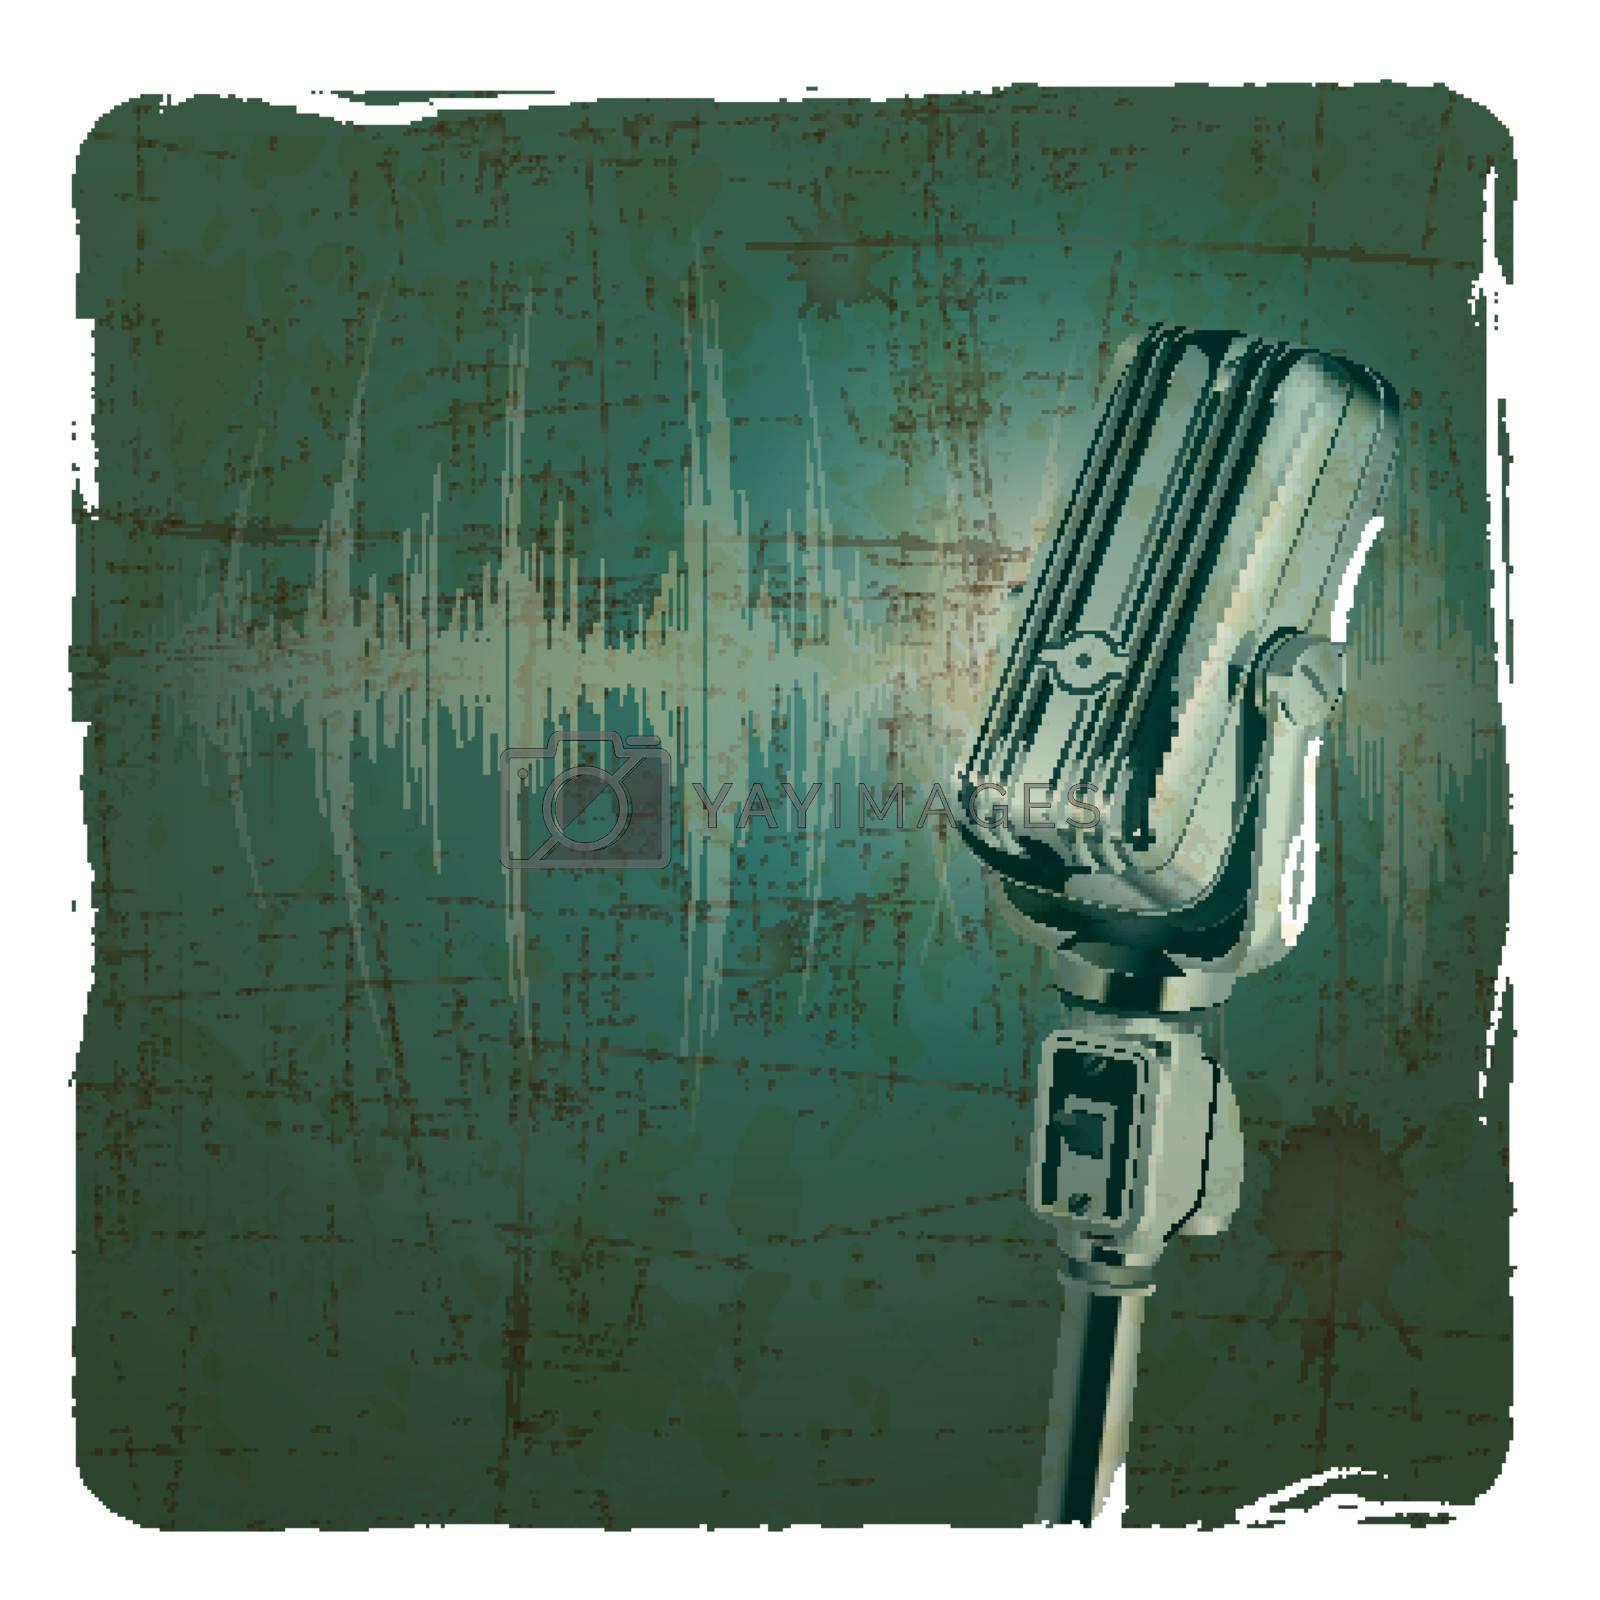 Microphone retro vintage grunge background